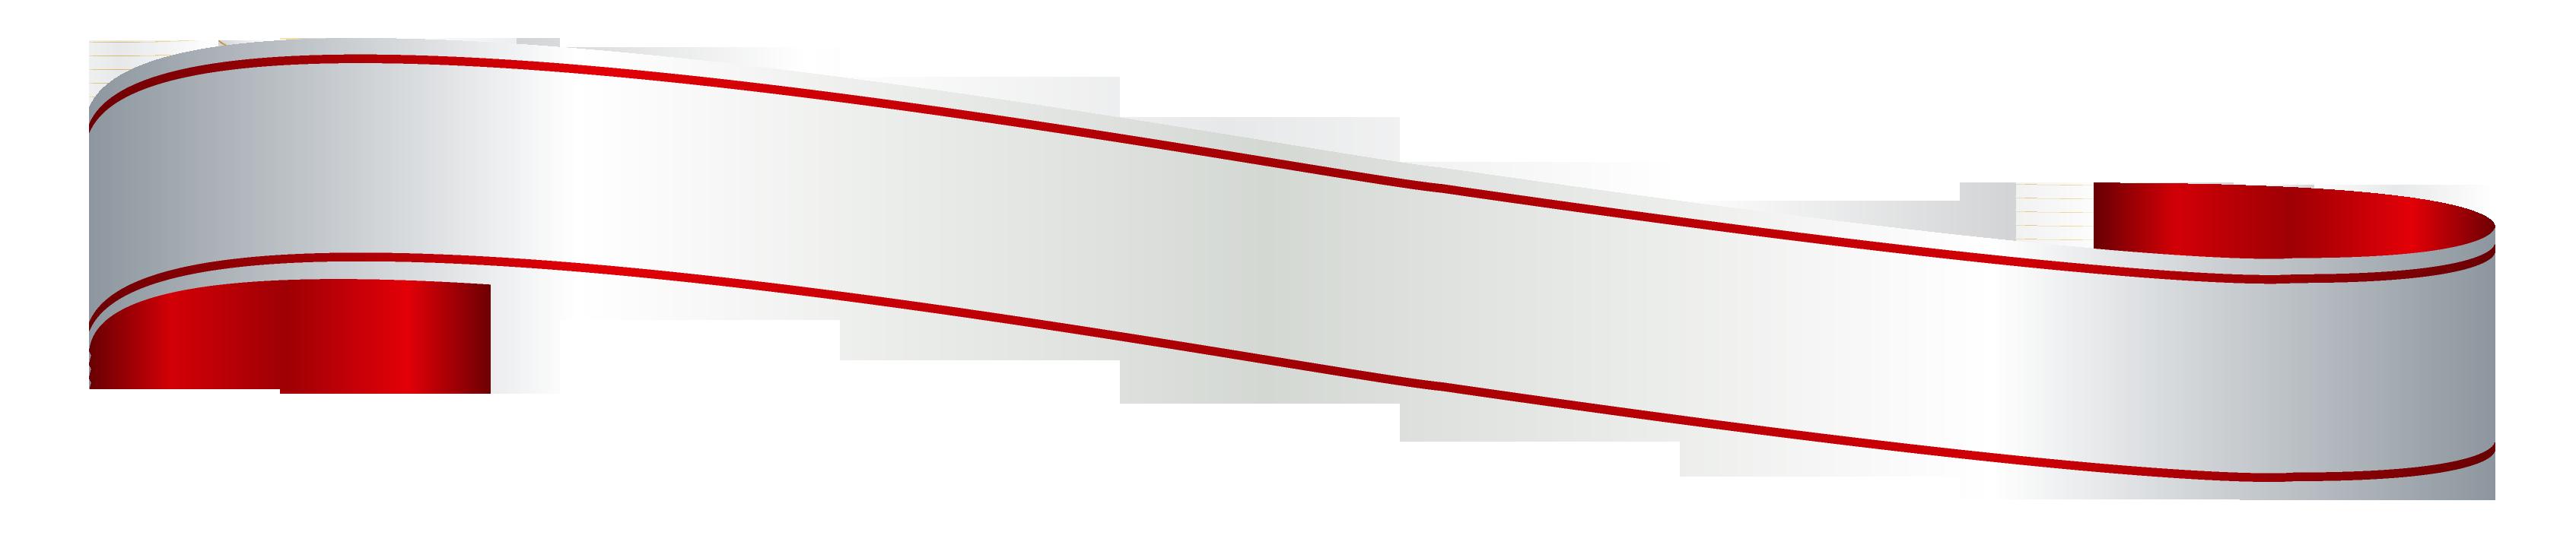 httpsenmwikipediaorgwikiSpecialSearch